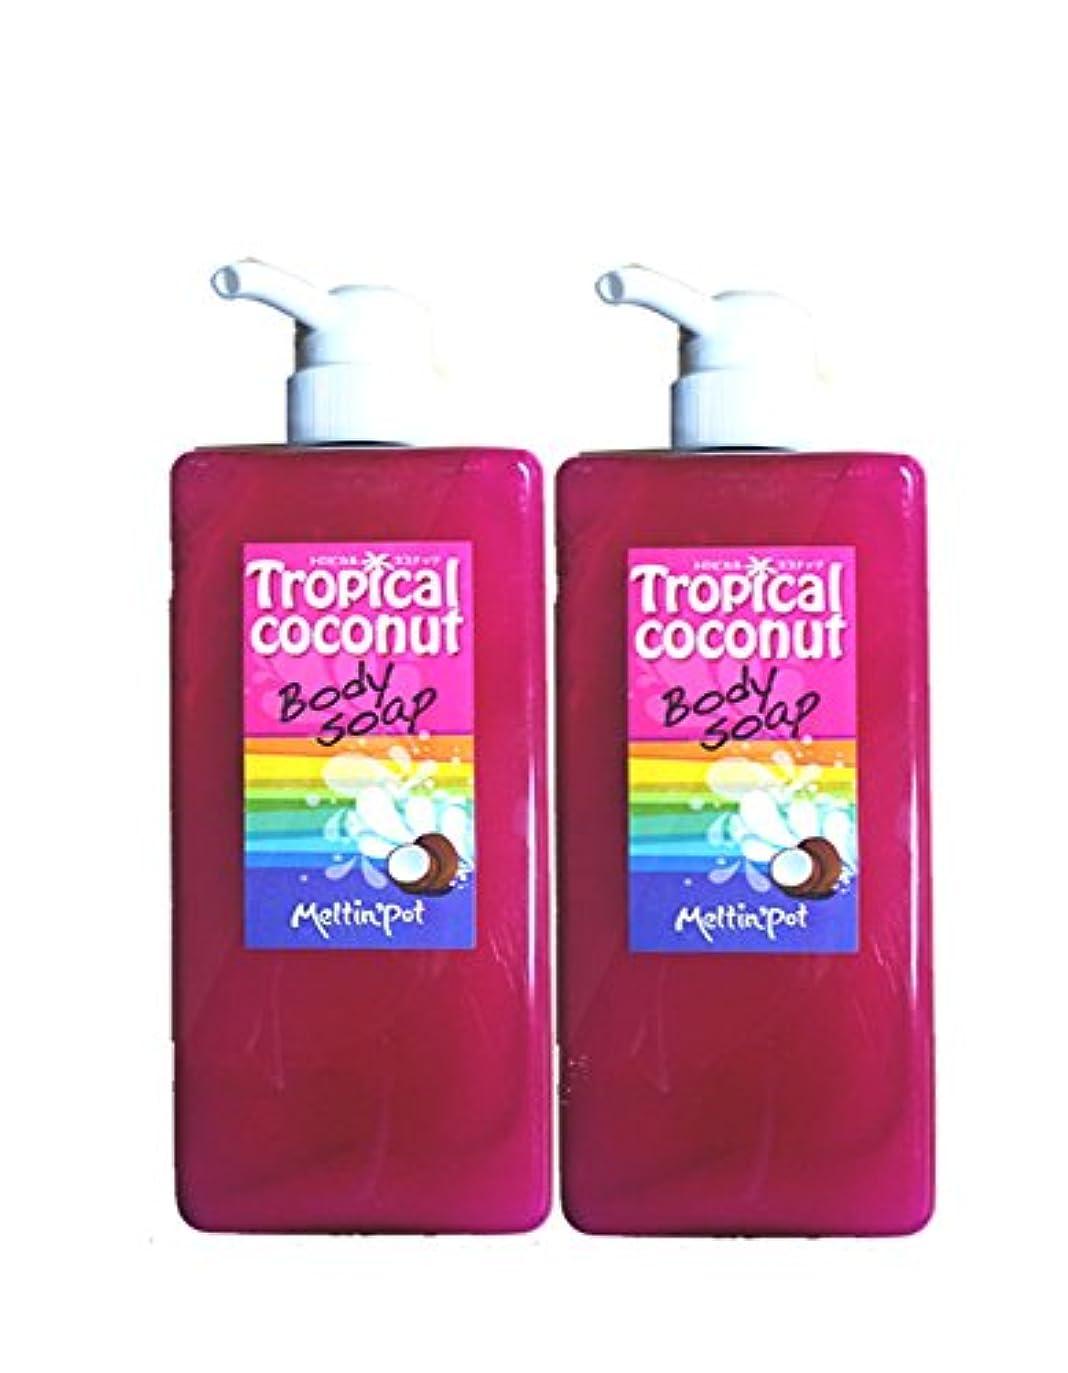 葉巻宴会精通したトロピカルココナッツ ボディソープ 600ml*2セット Tropical coconut Body Soap 加齢臭に!